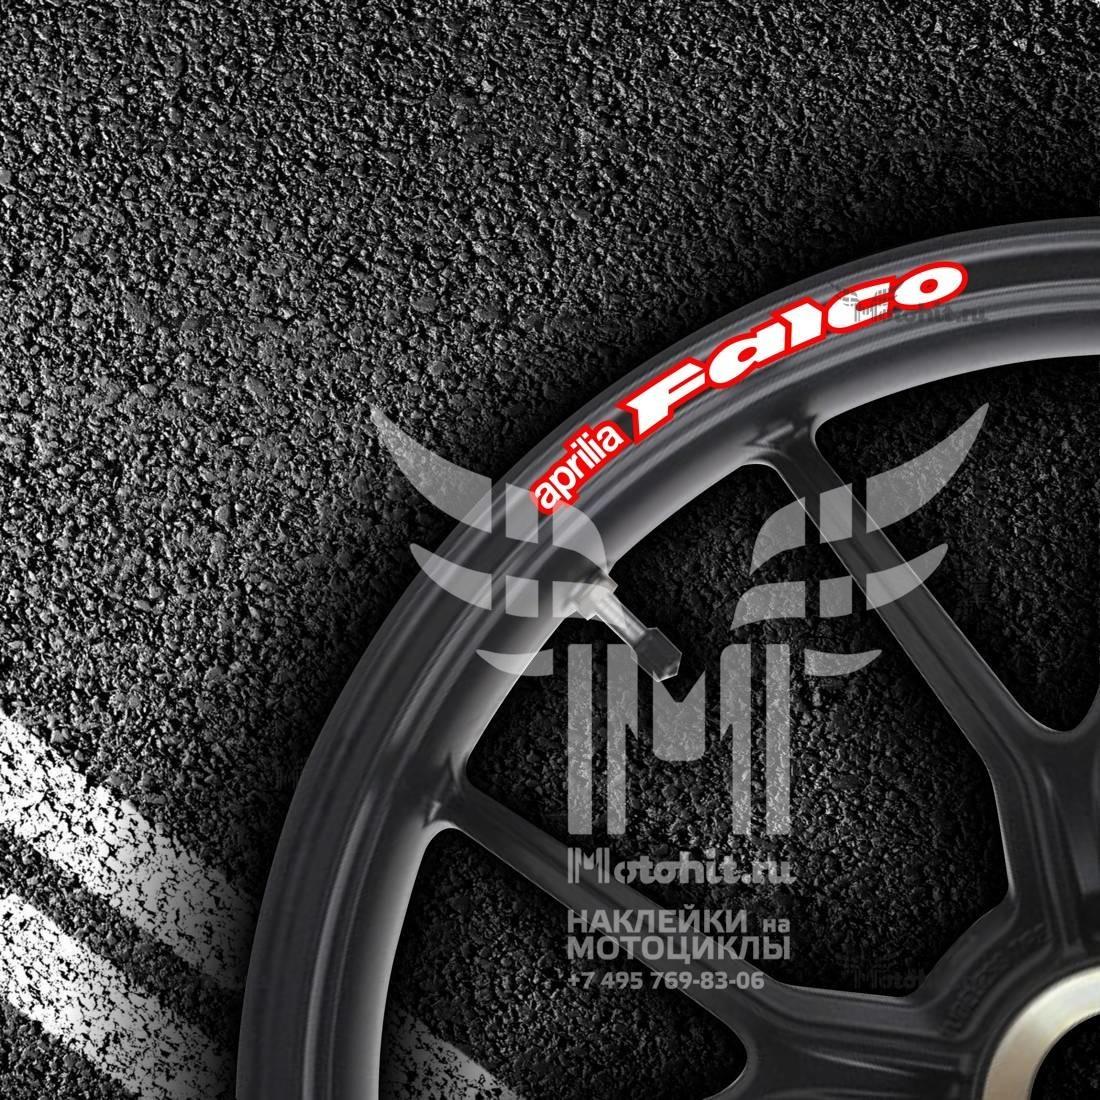 Комплект наклеек на обод колеса мотоцикла APRILIA FALCO